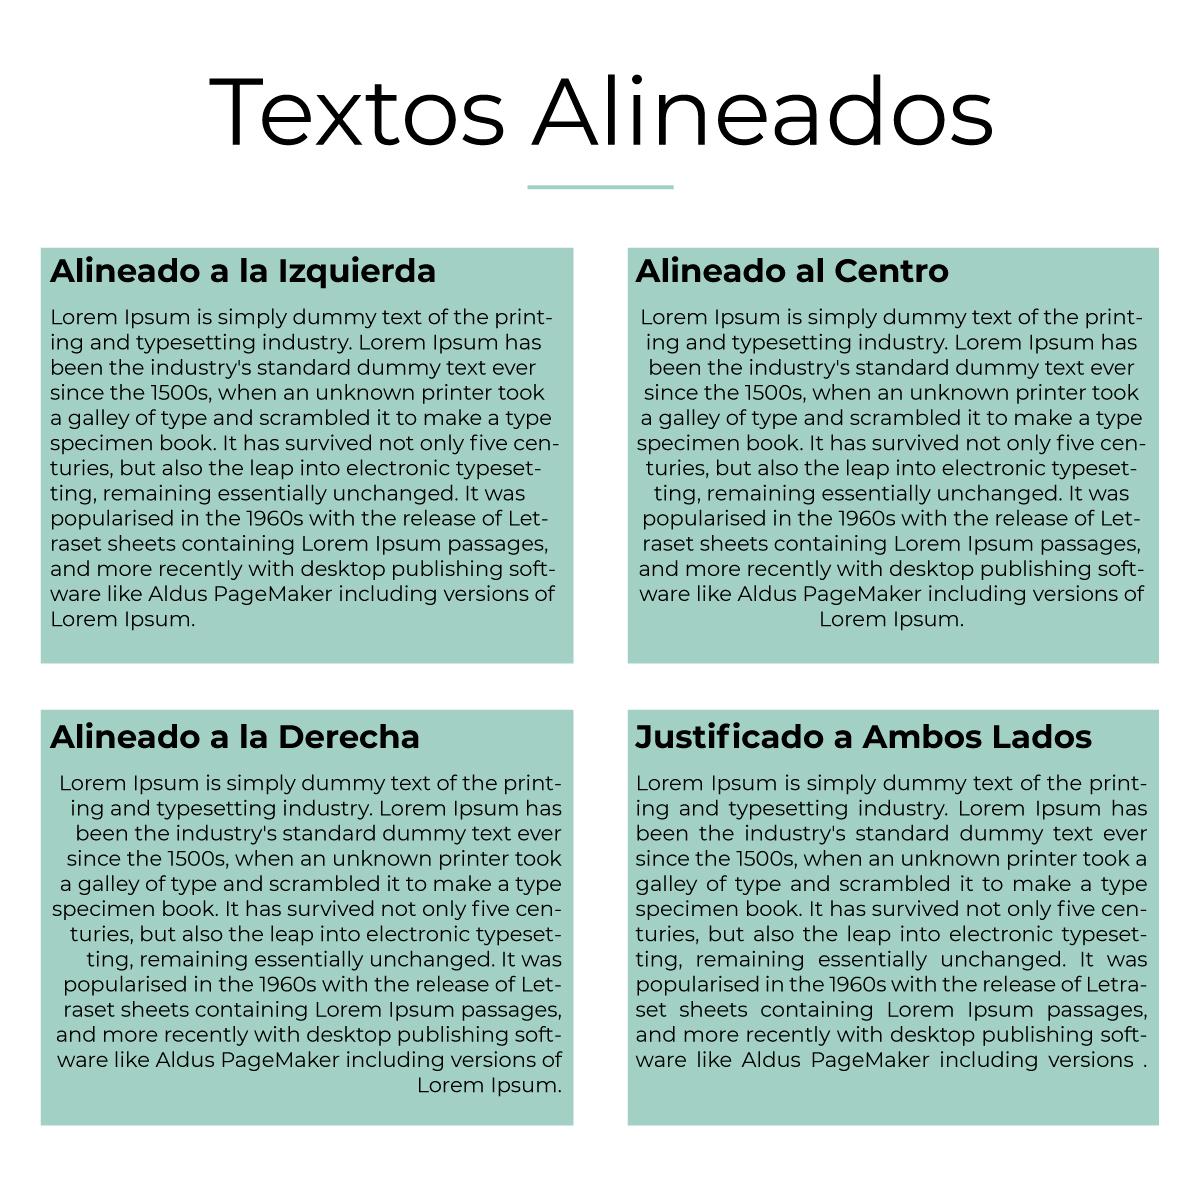 Textos Alineados